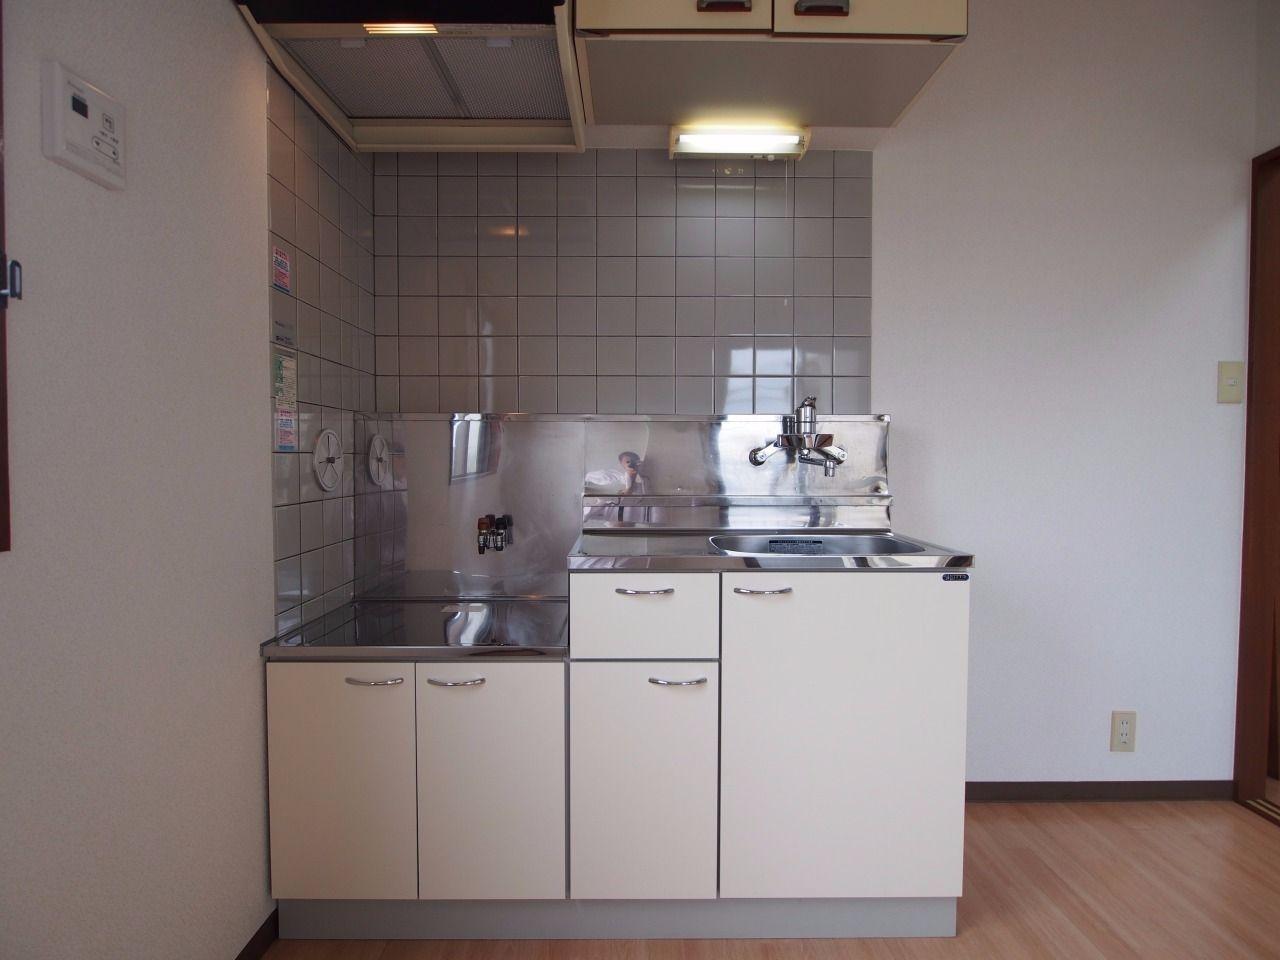 ガスコンロ(都市ガス)対応キッチン